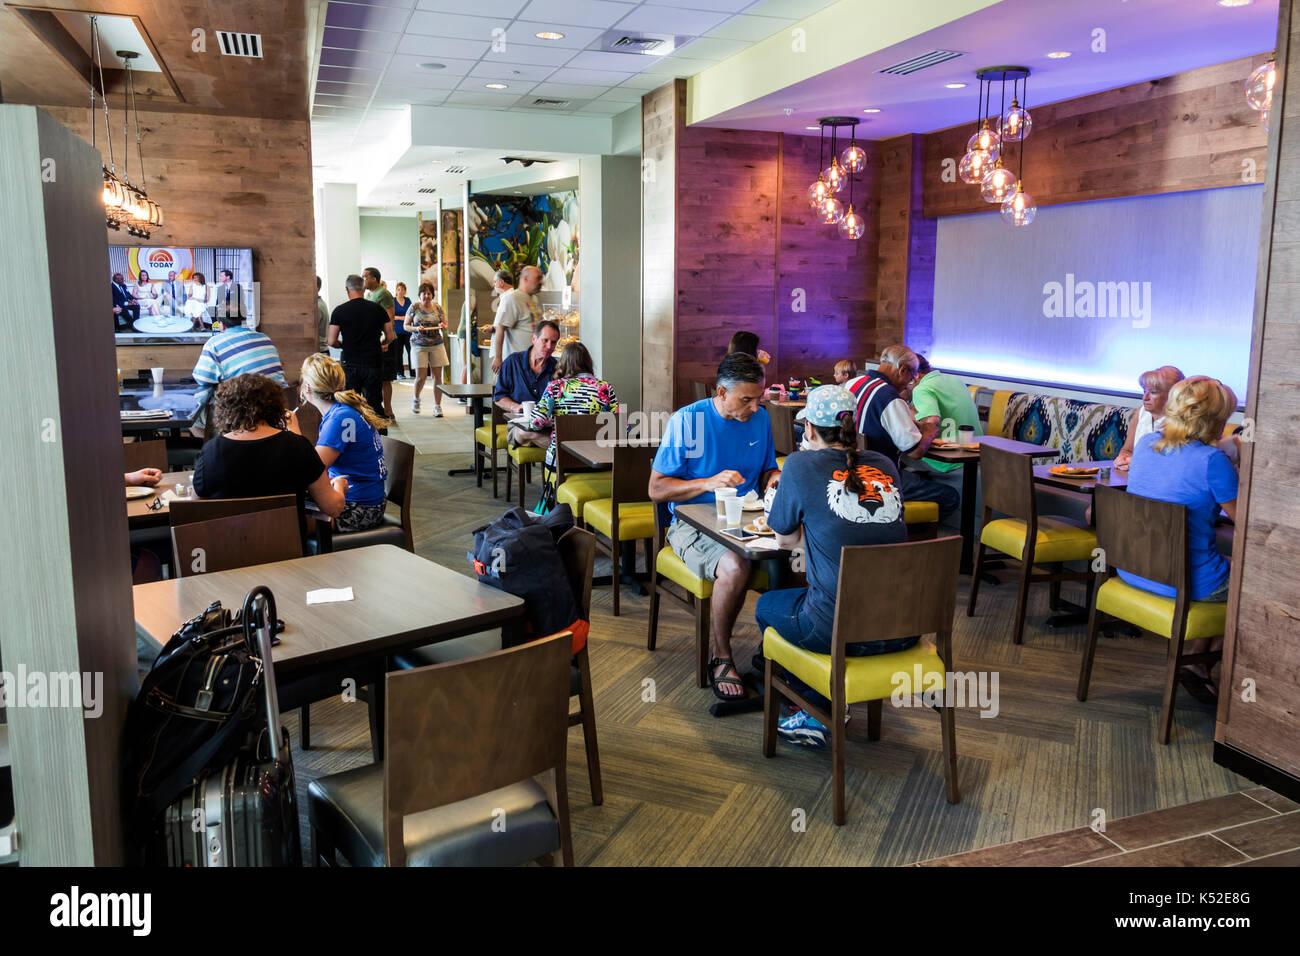 Fairfield Inn Suites Stock Photos Amp Fairfield Inn Suites